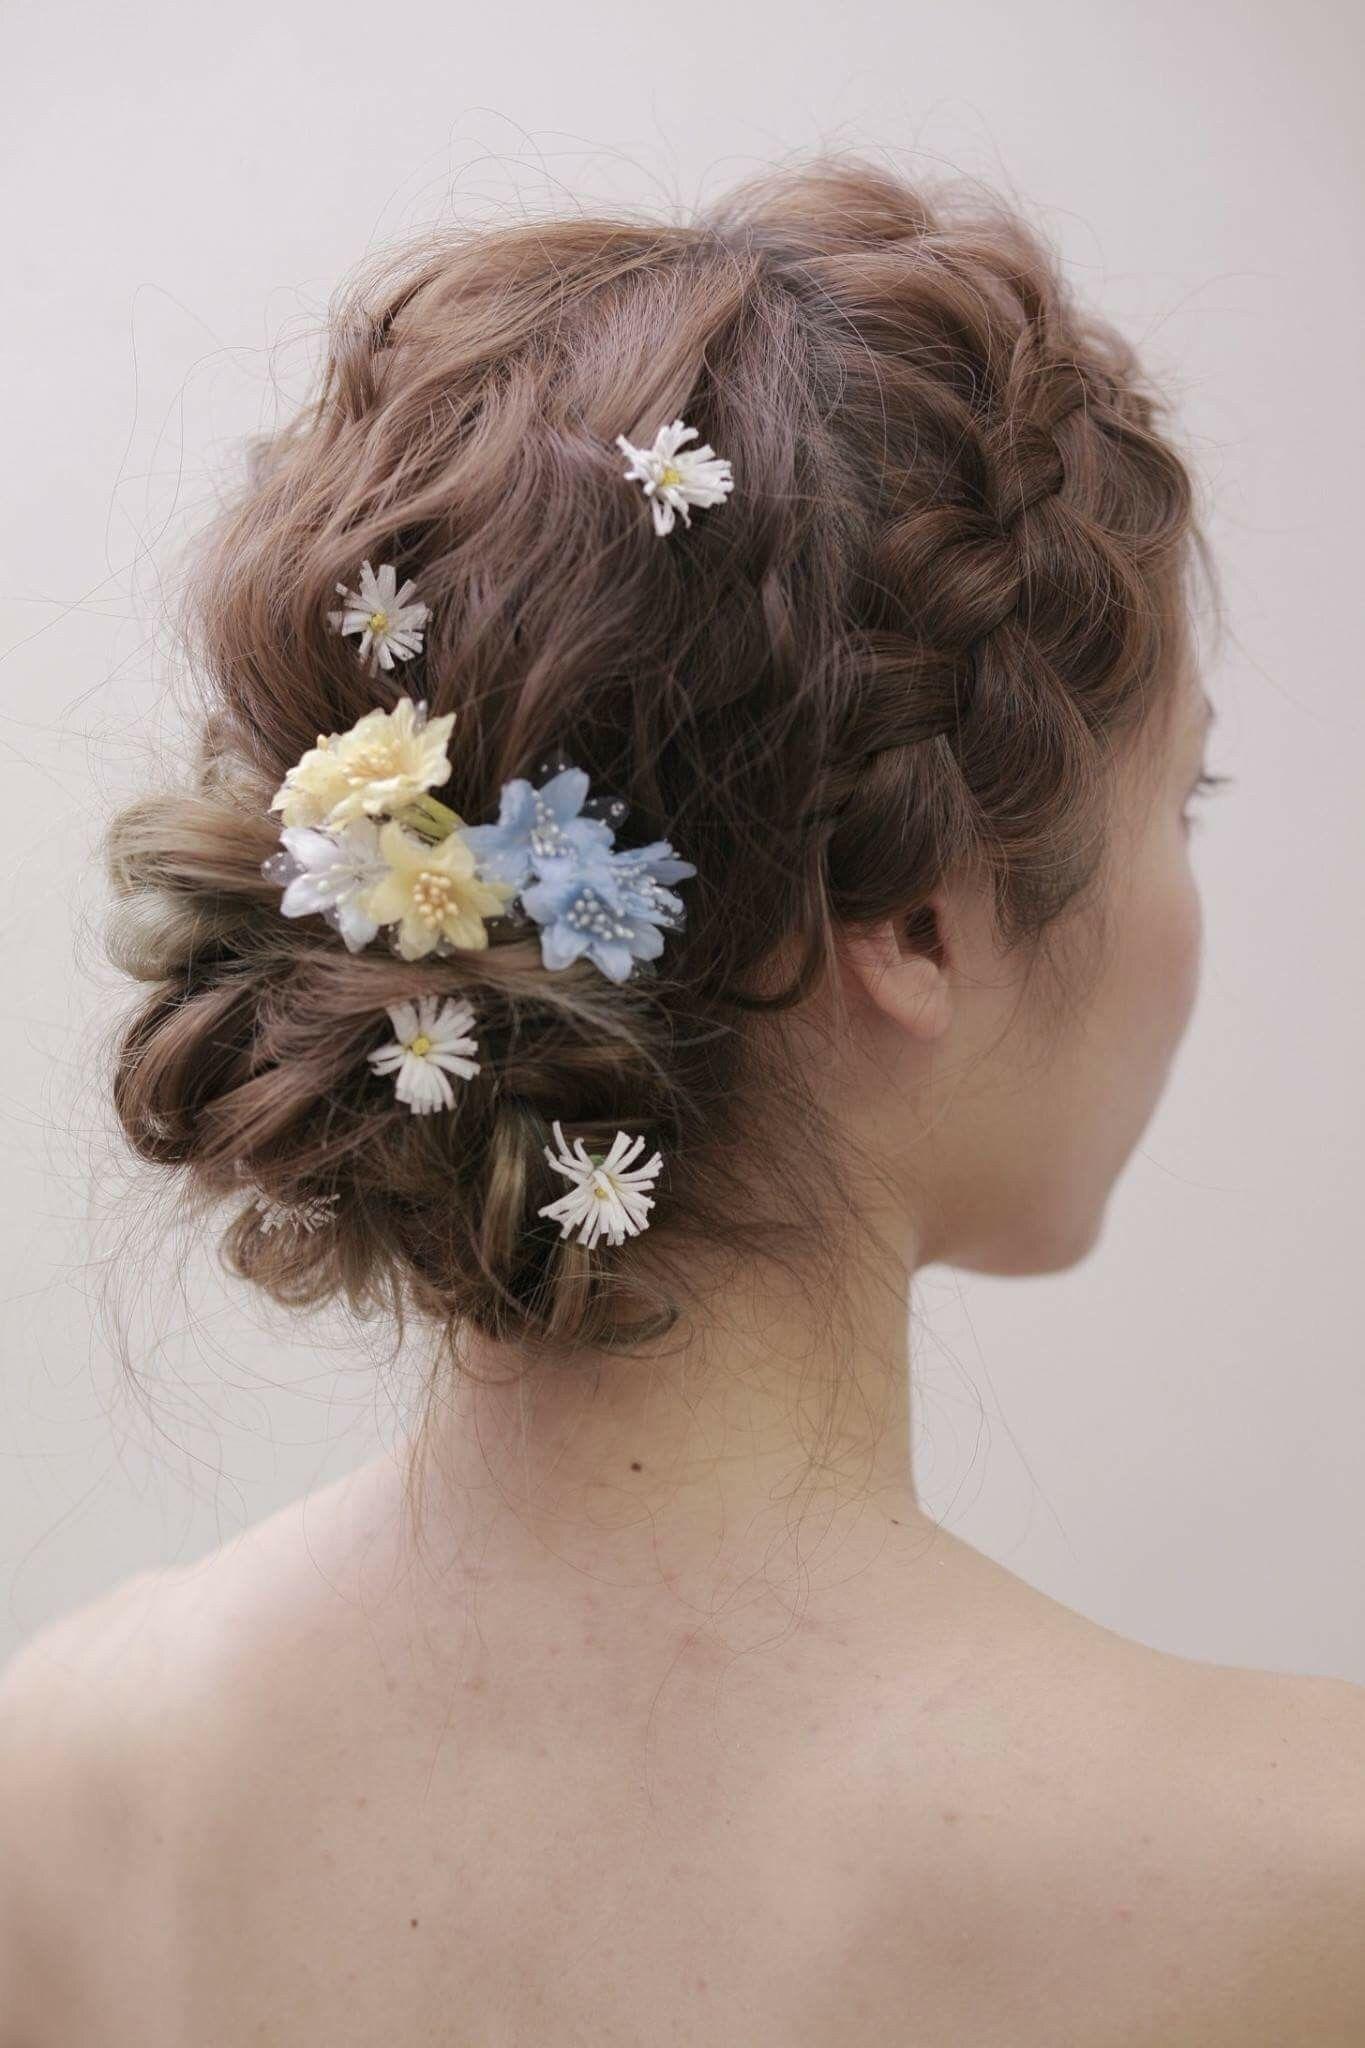 ヘアメイク専門店 Beauty Salon nagomi 立川店が投稿した画像